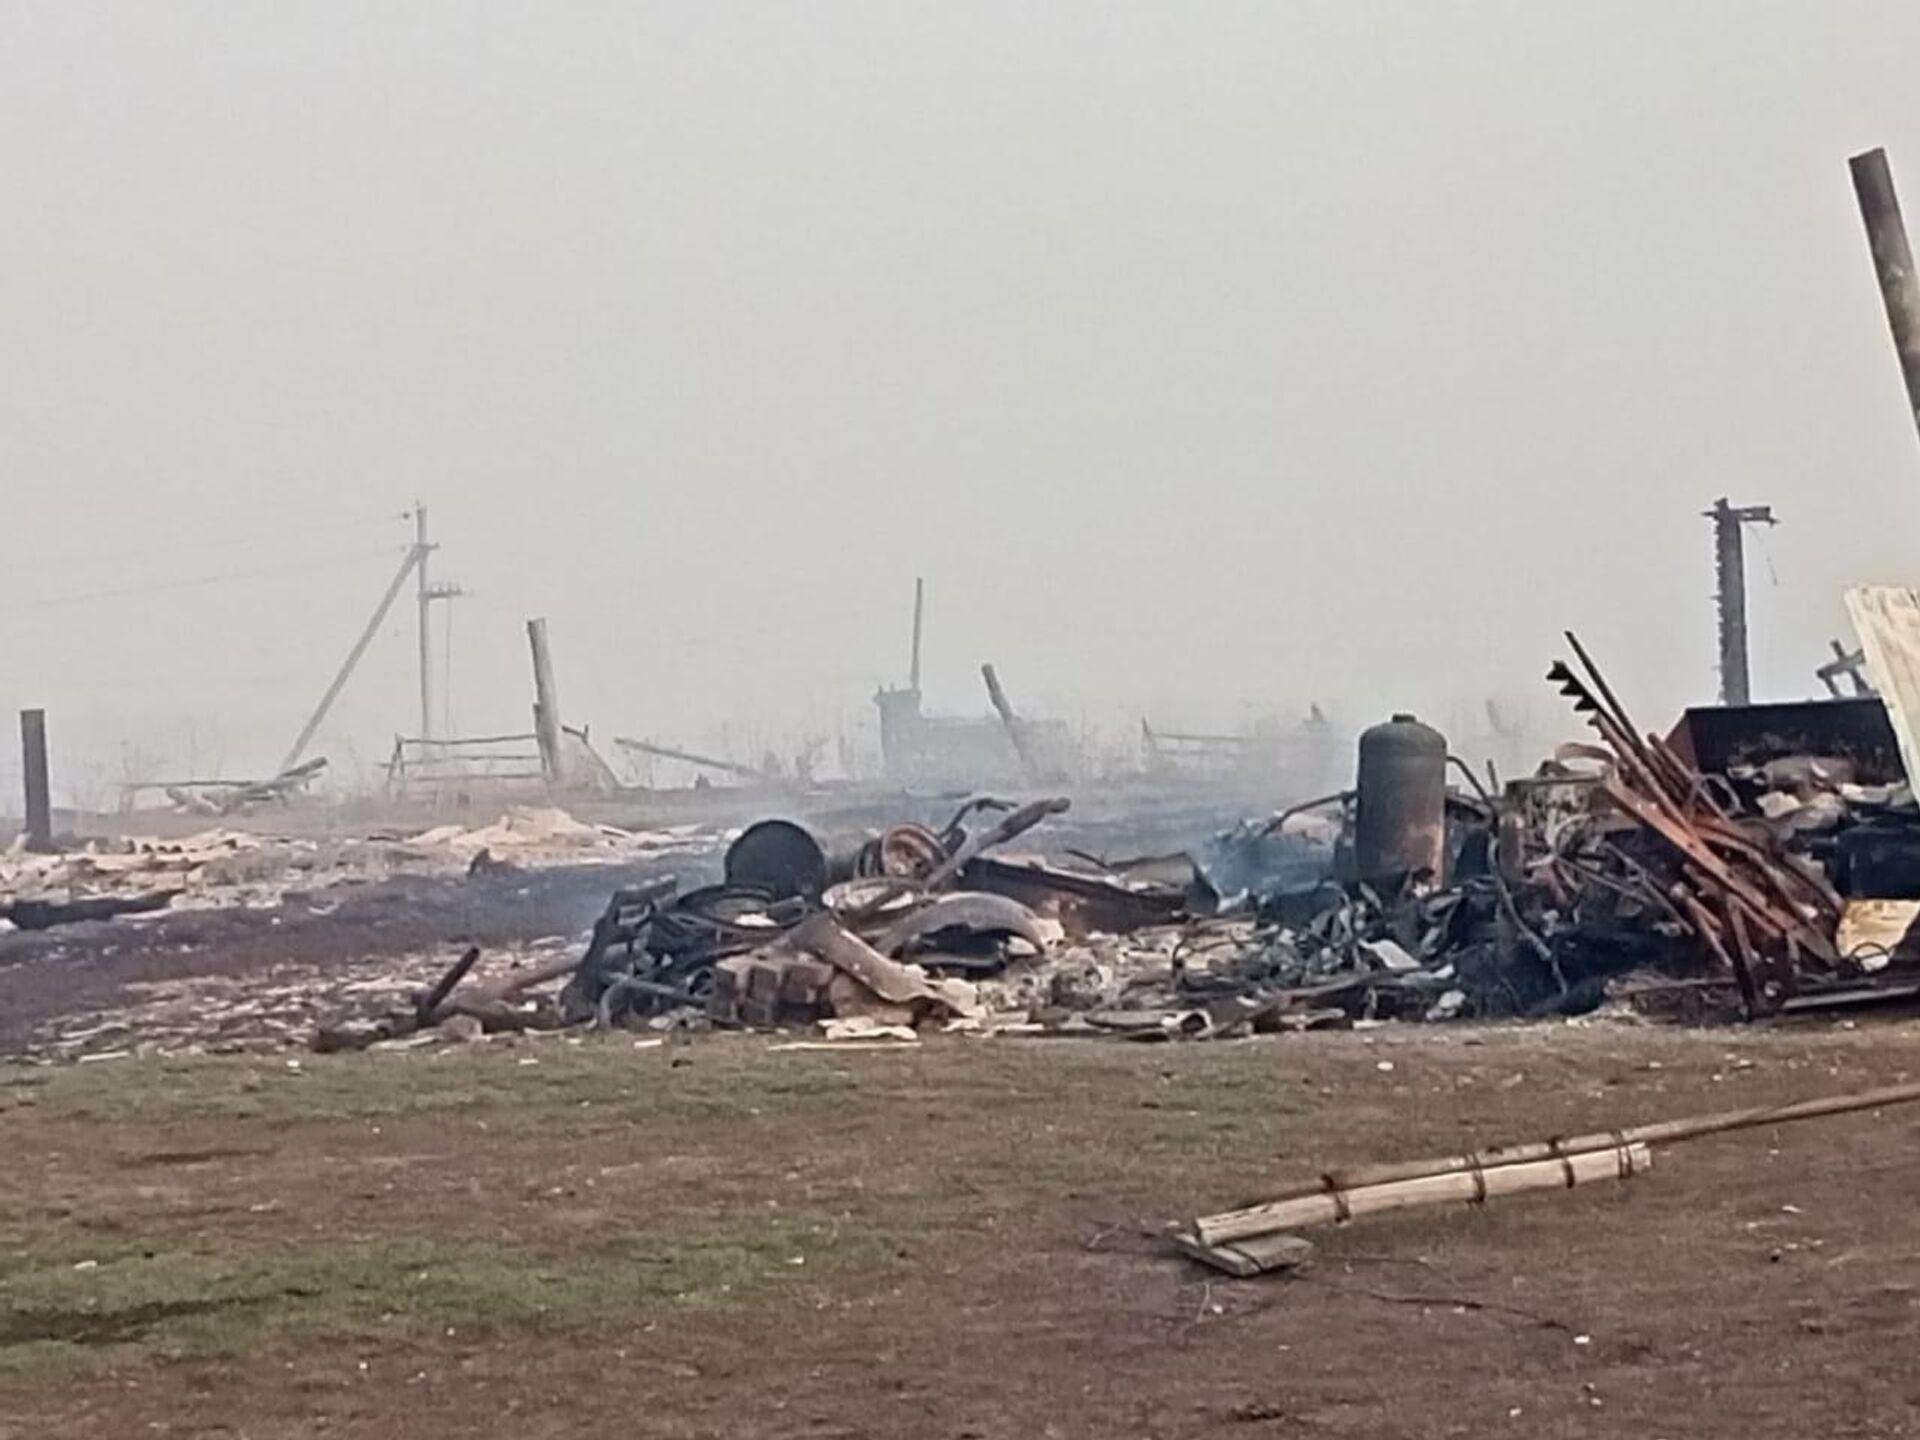 Пожар в деревне Каракуль Большереченского района Омской области - РИА Новости, 1920, 06.05.2021